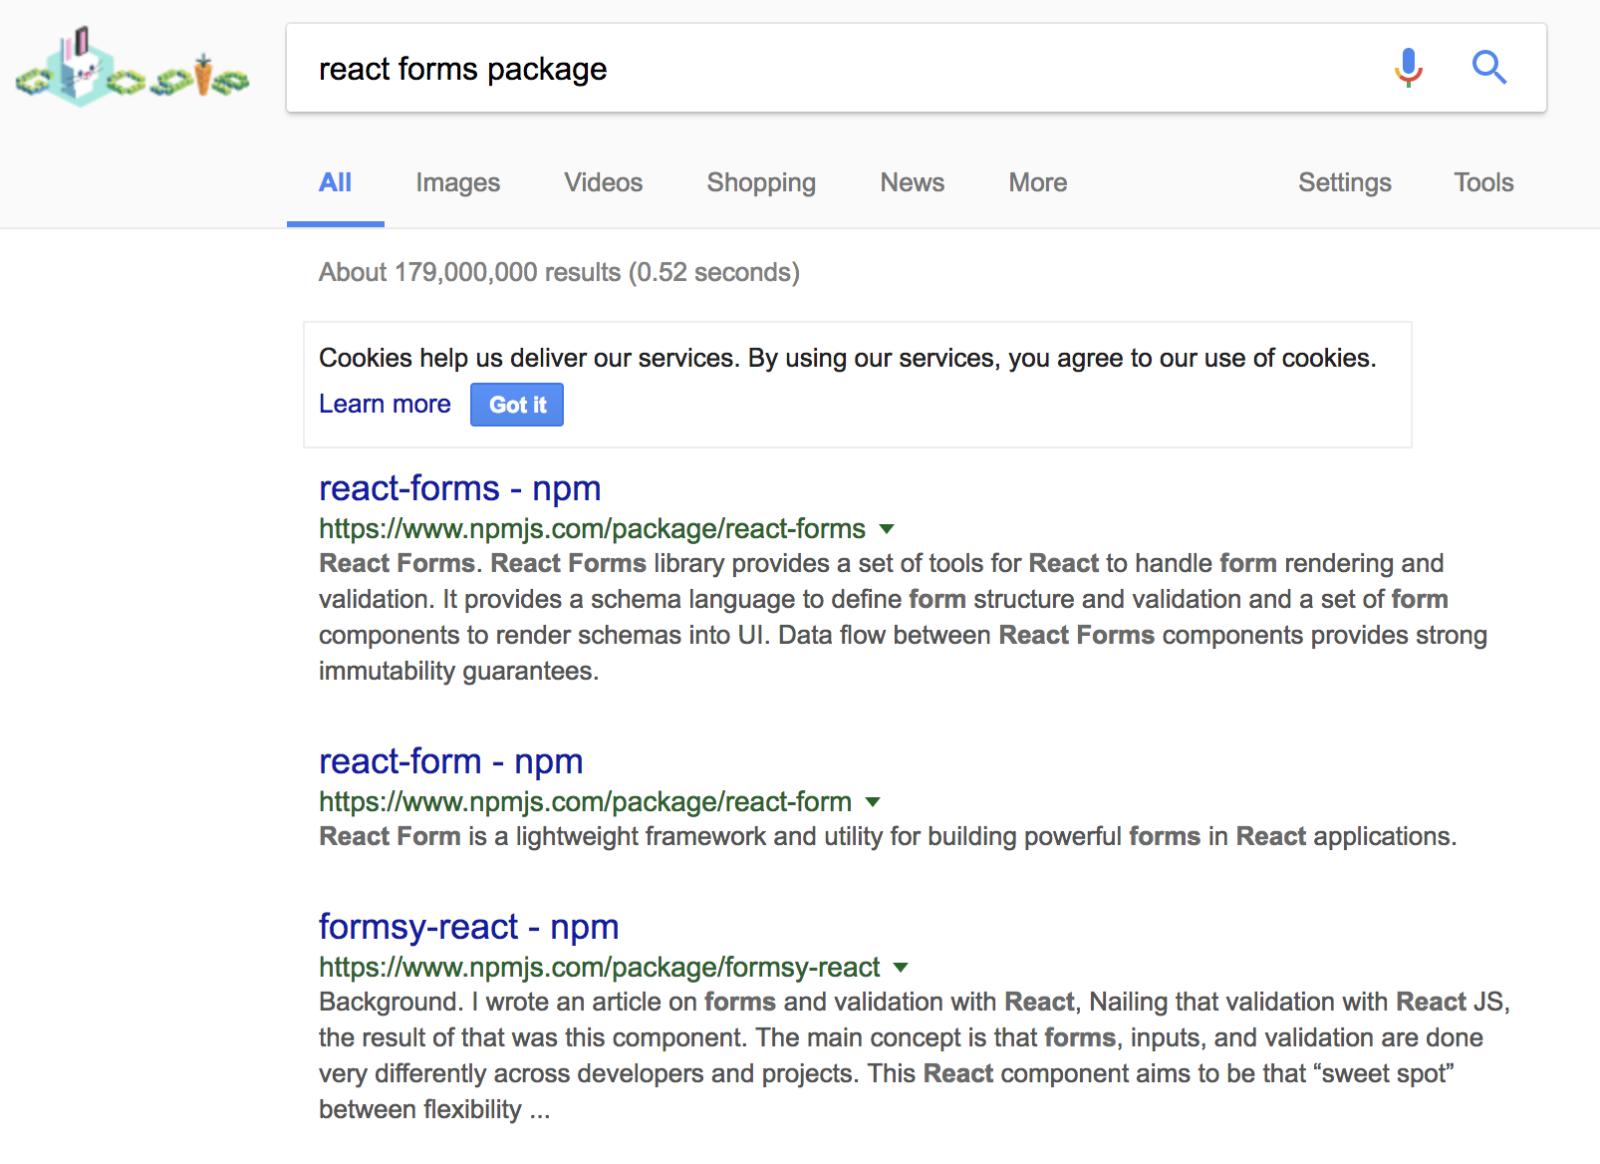 Rechercher son package npm sur Google en anglais